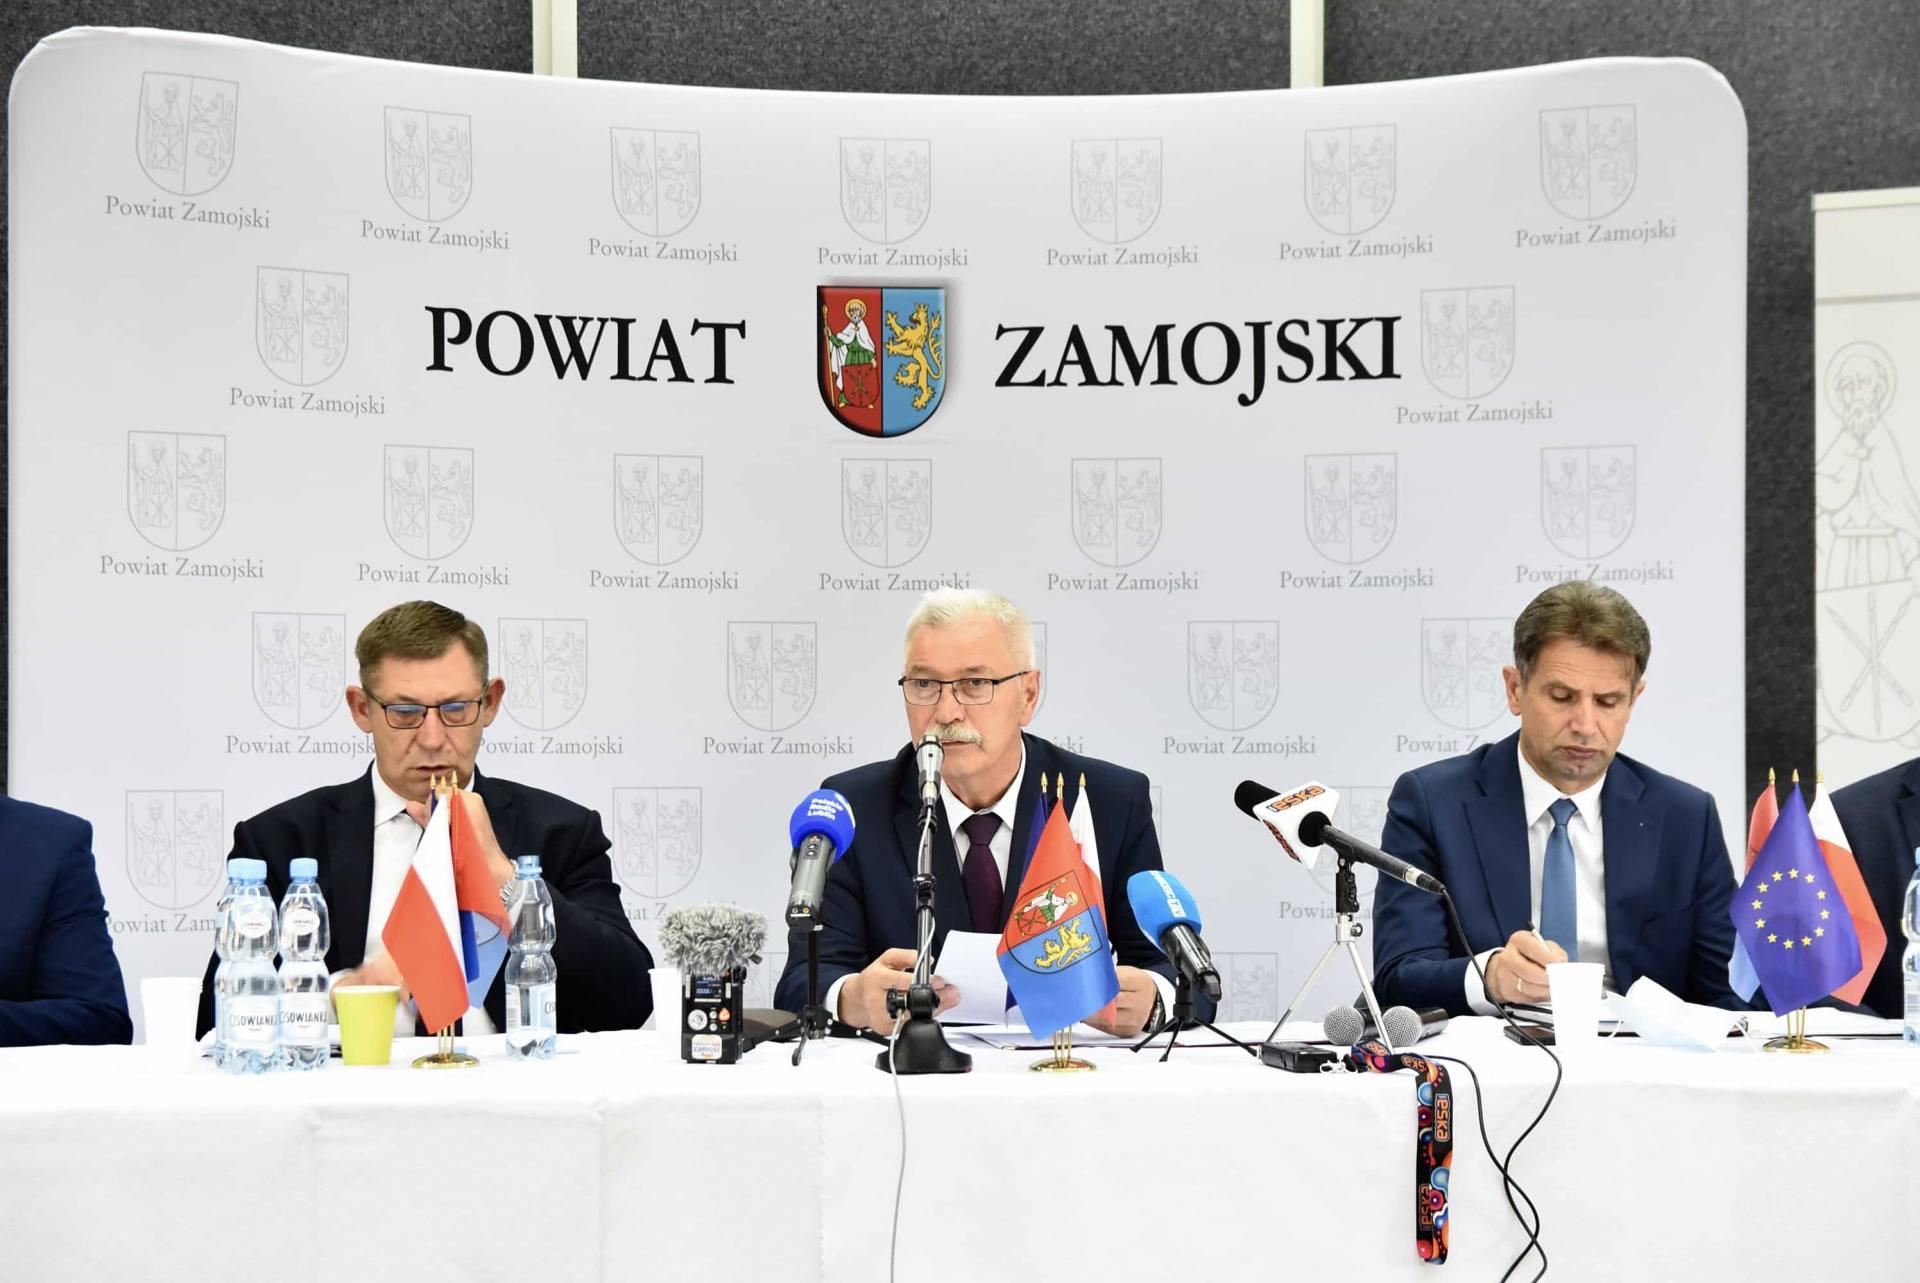 dsc 6028 Półmetek kadencji władz powiatu zamojskiego. Relacja z konferencji prasowej [FILM]